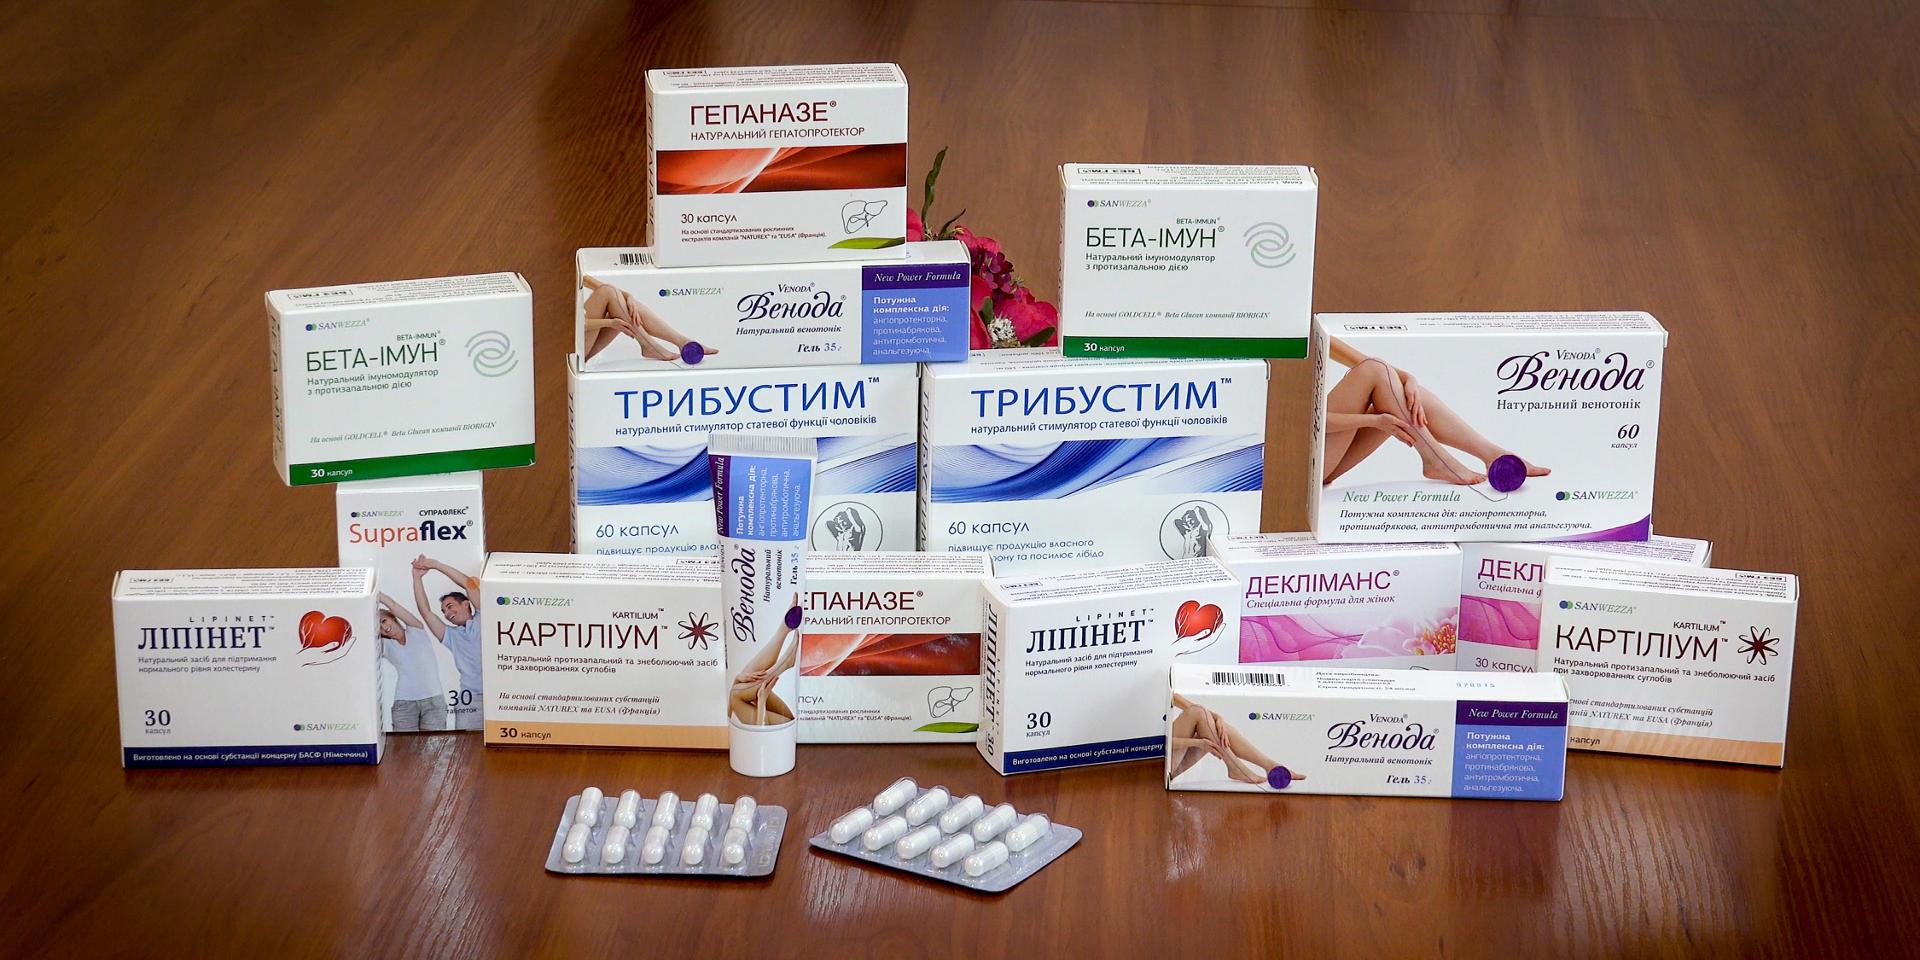 Дизайн медицинской упаковки